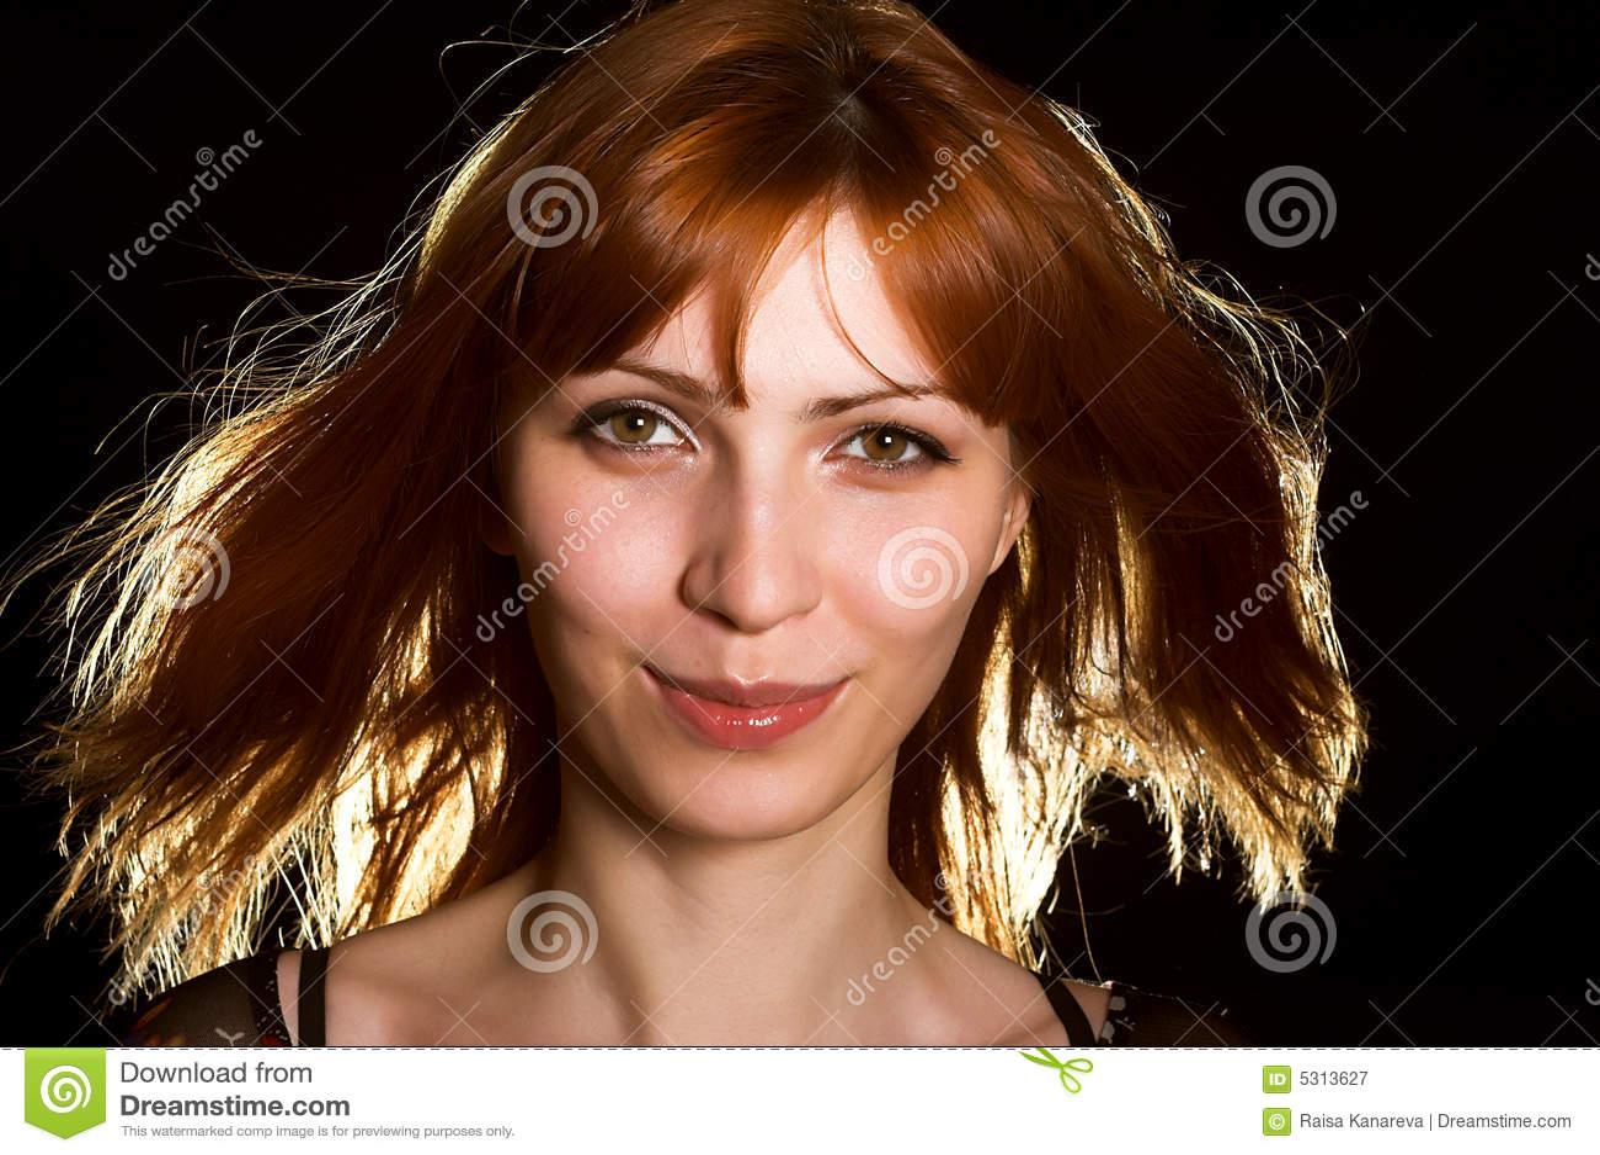 Download Ragazza Splendida In Parrucca Red-haired Immagine Stock - Immagine di lifestyle, modello: 5313627